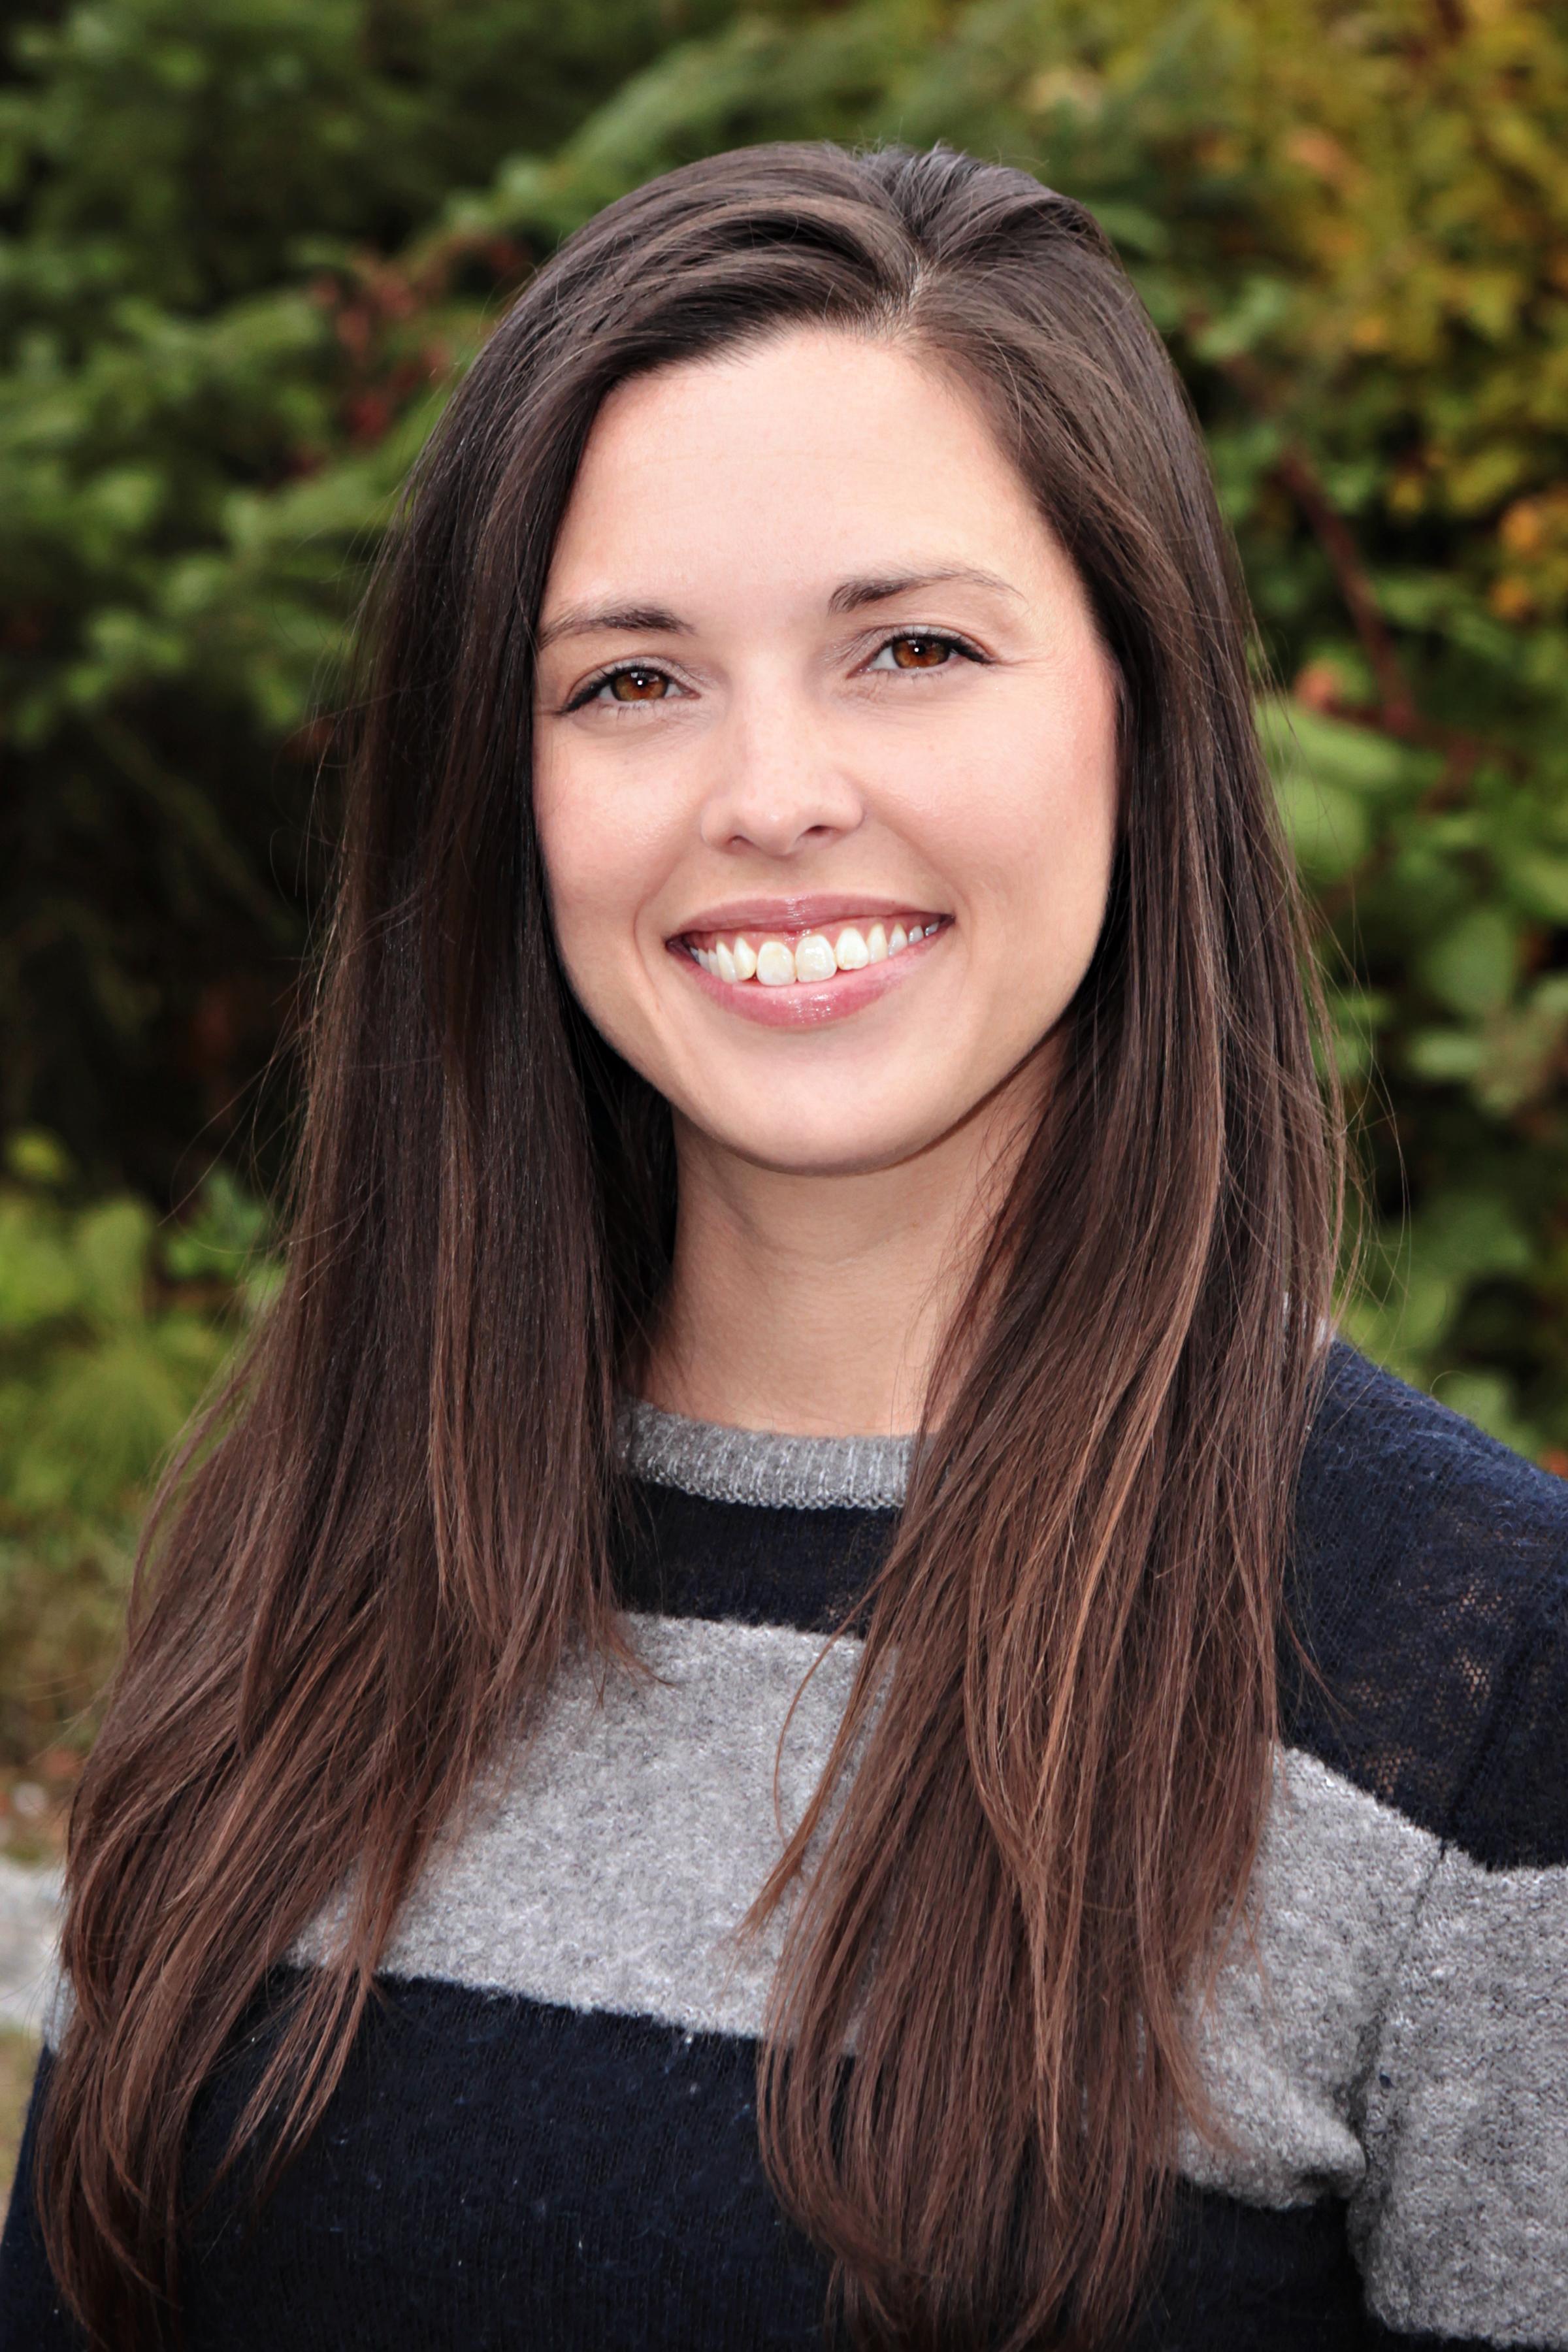 Katie Eltrich wearing a striped sweater